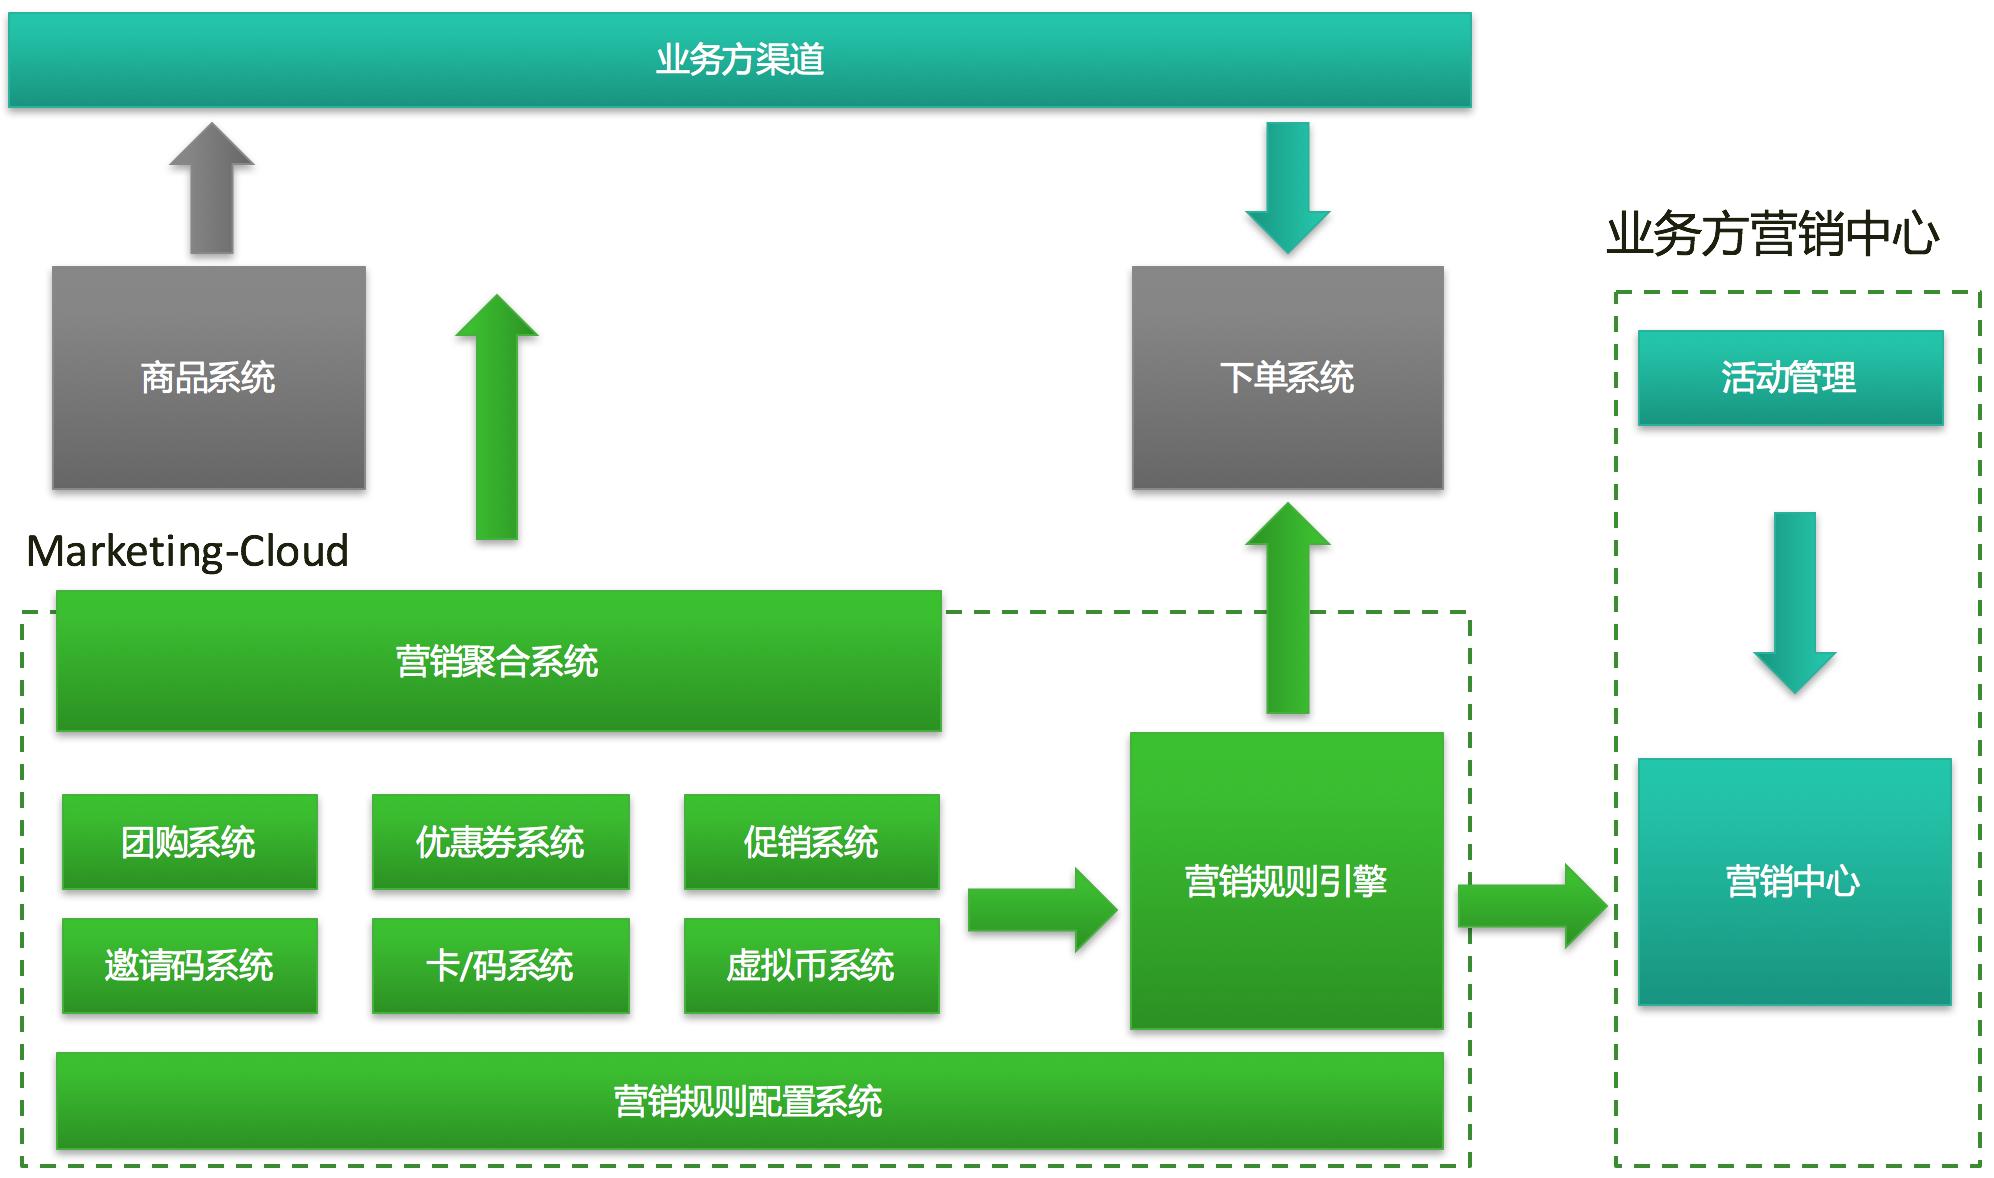 微服务架构—自动化测试全链路设计